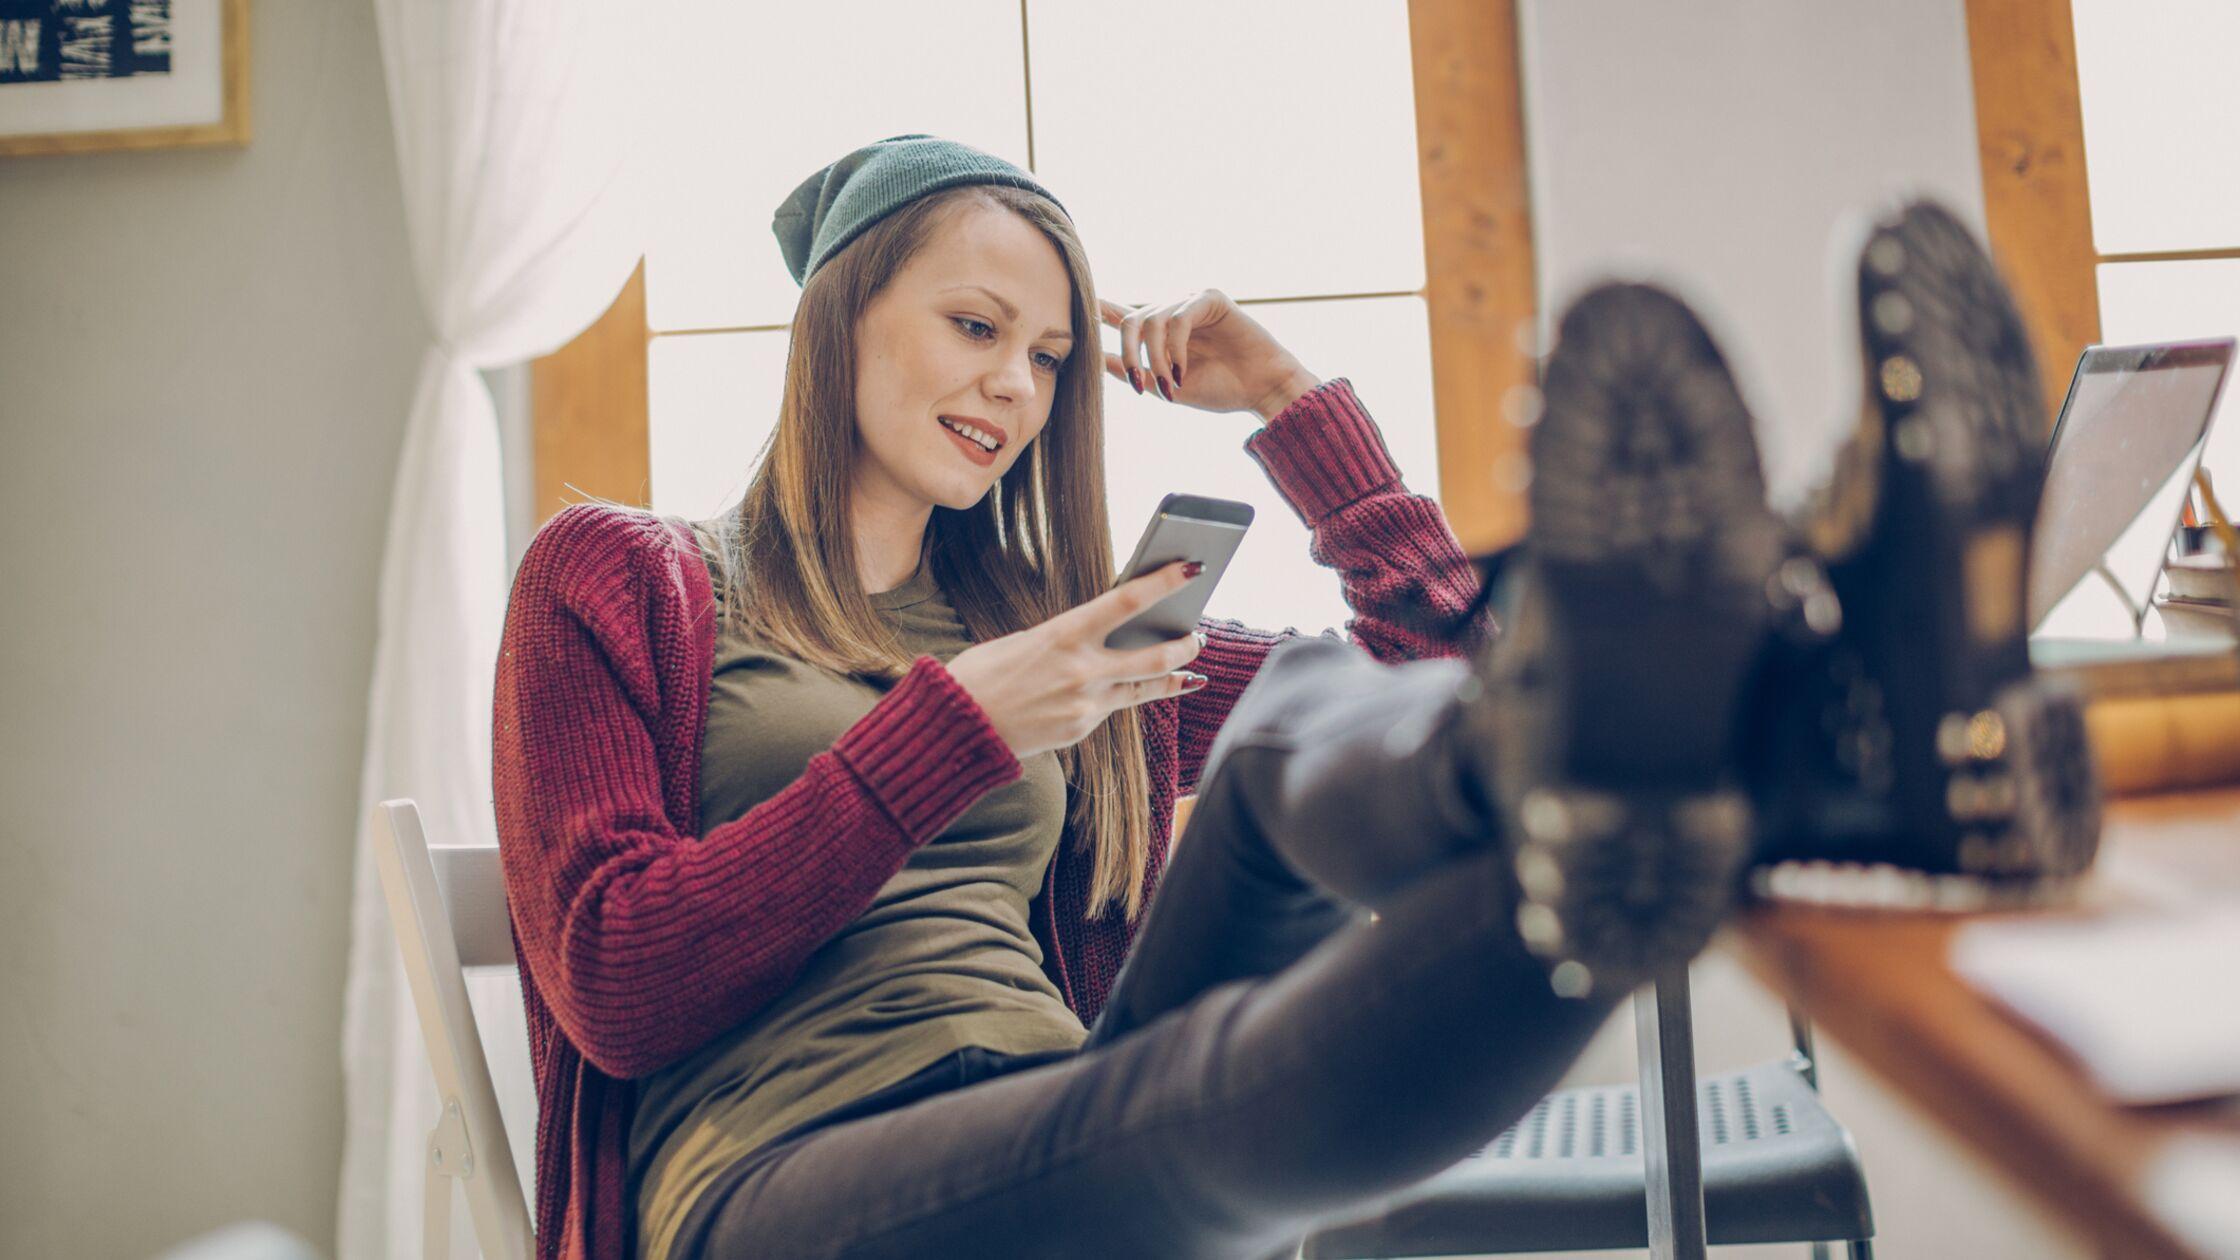 Wohnen als Student: Allein, WG, Wohnheim – was ist am besten?